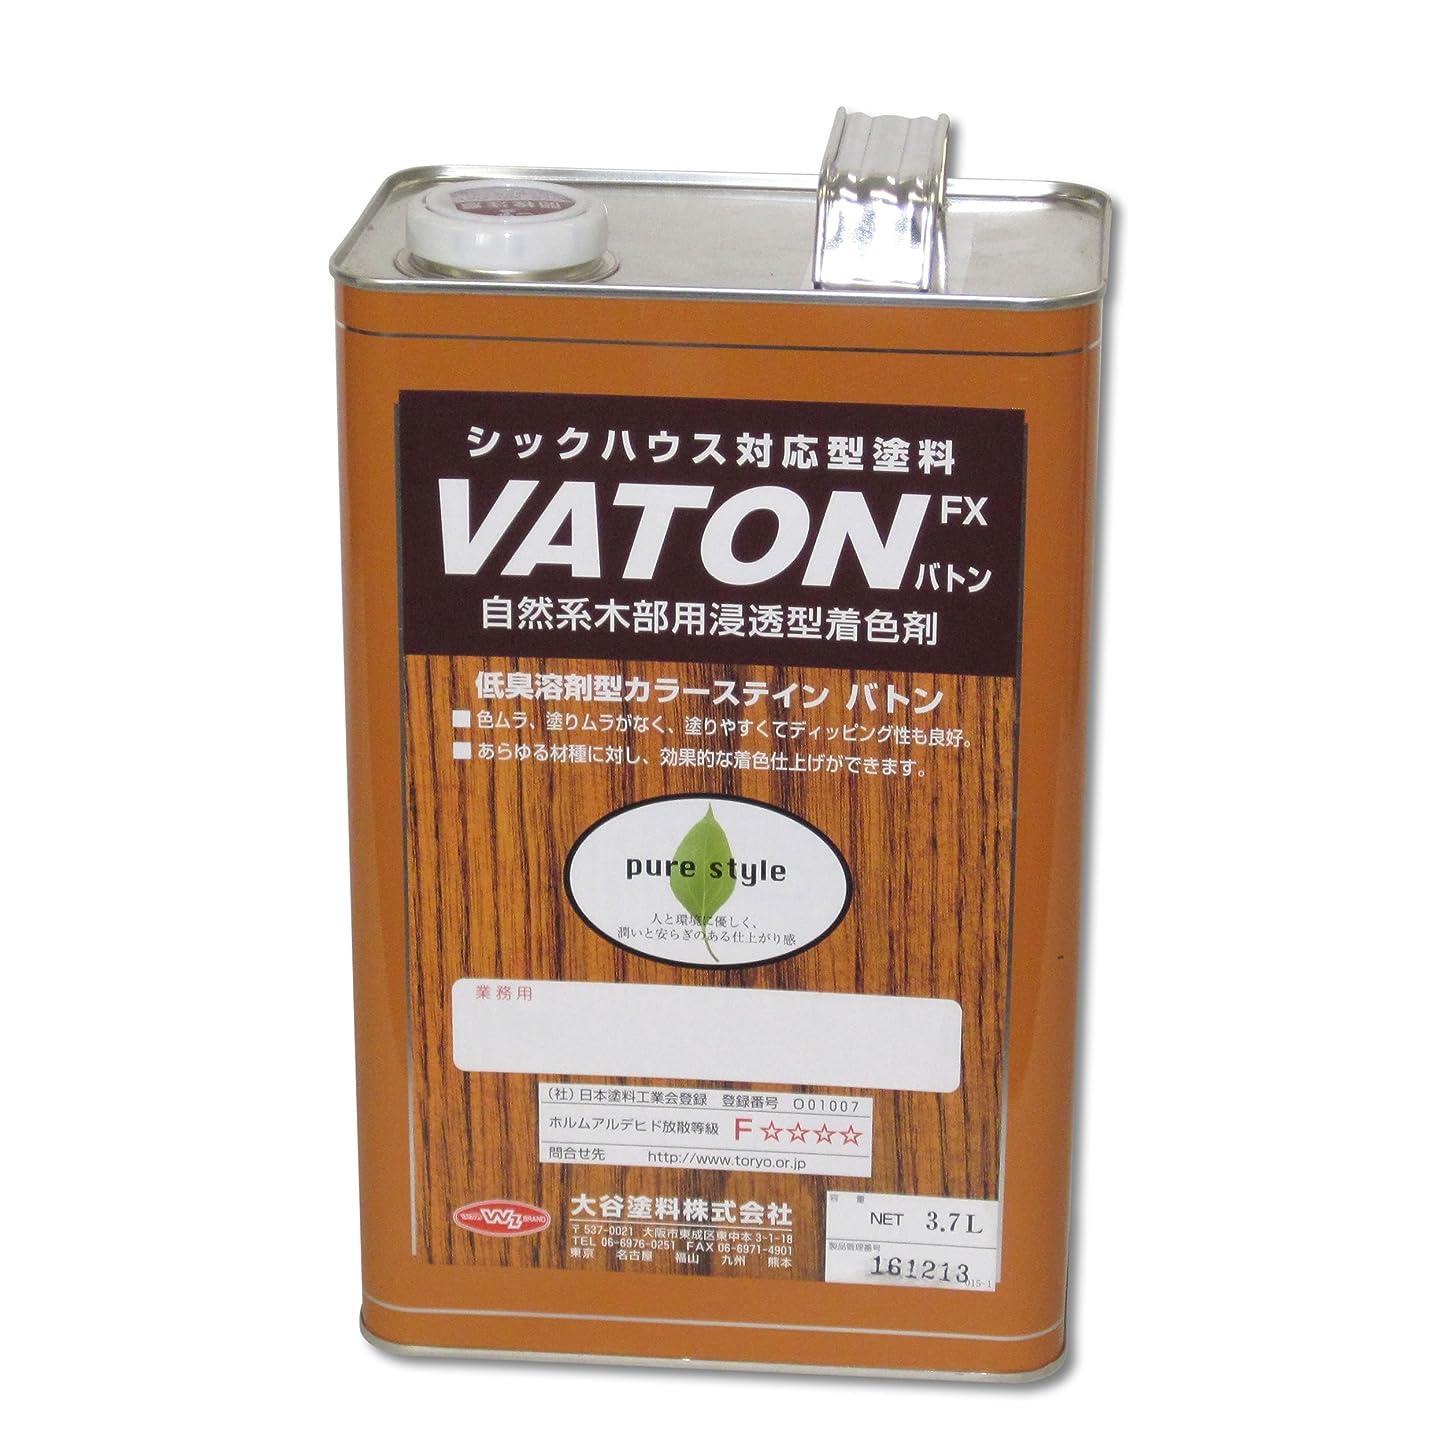 救い嫌い病気大谷塗料 バトン ブラック 3.7L